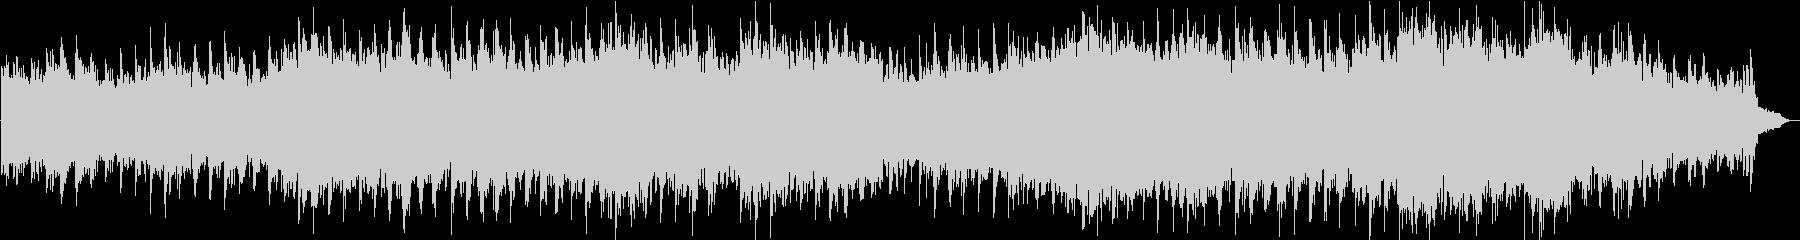 シューベルトのアヴェ・マリアの癒しBGMの未再生の波形